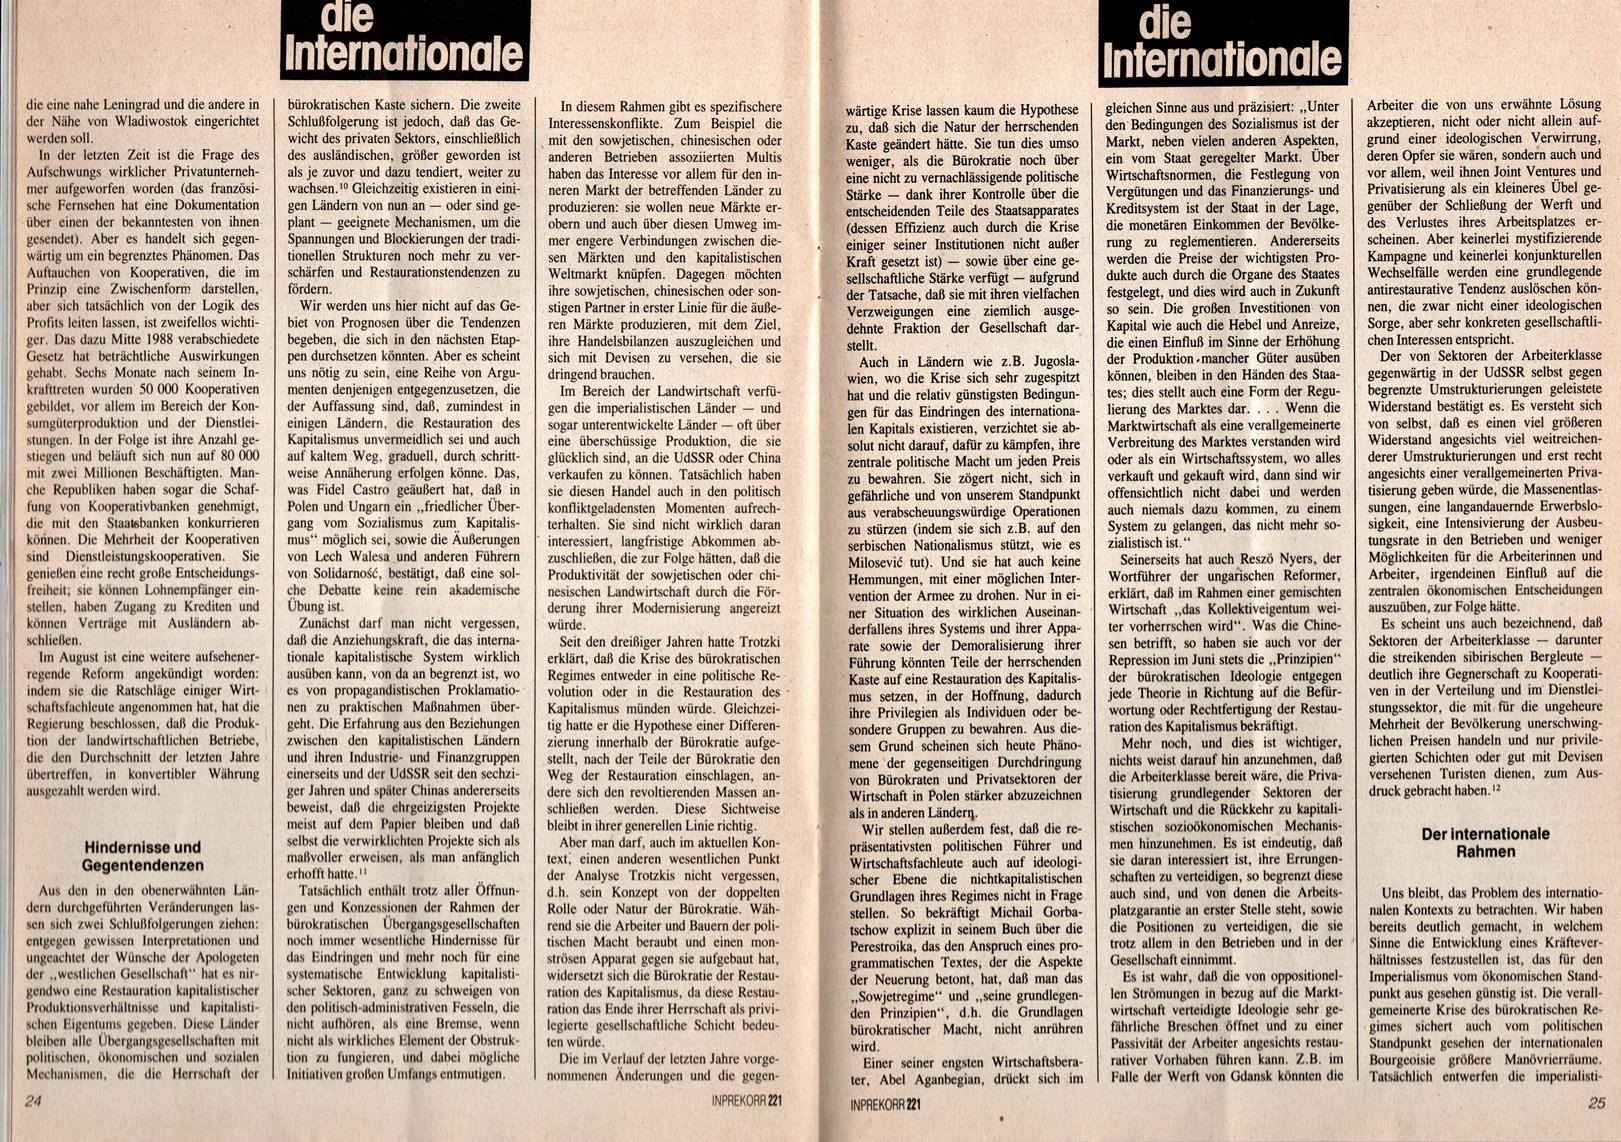 Inprekorr_19891100_221_013